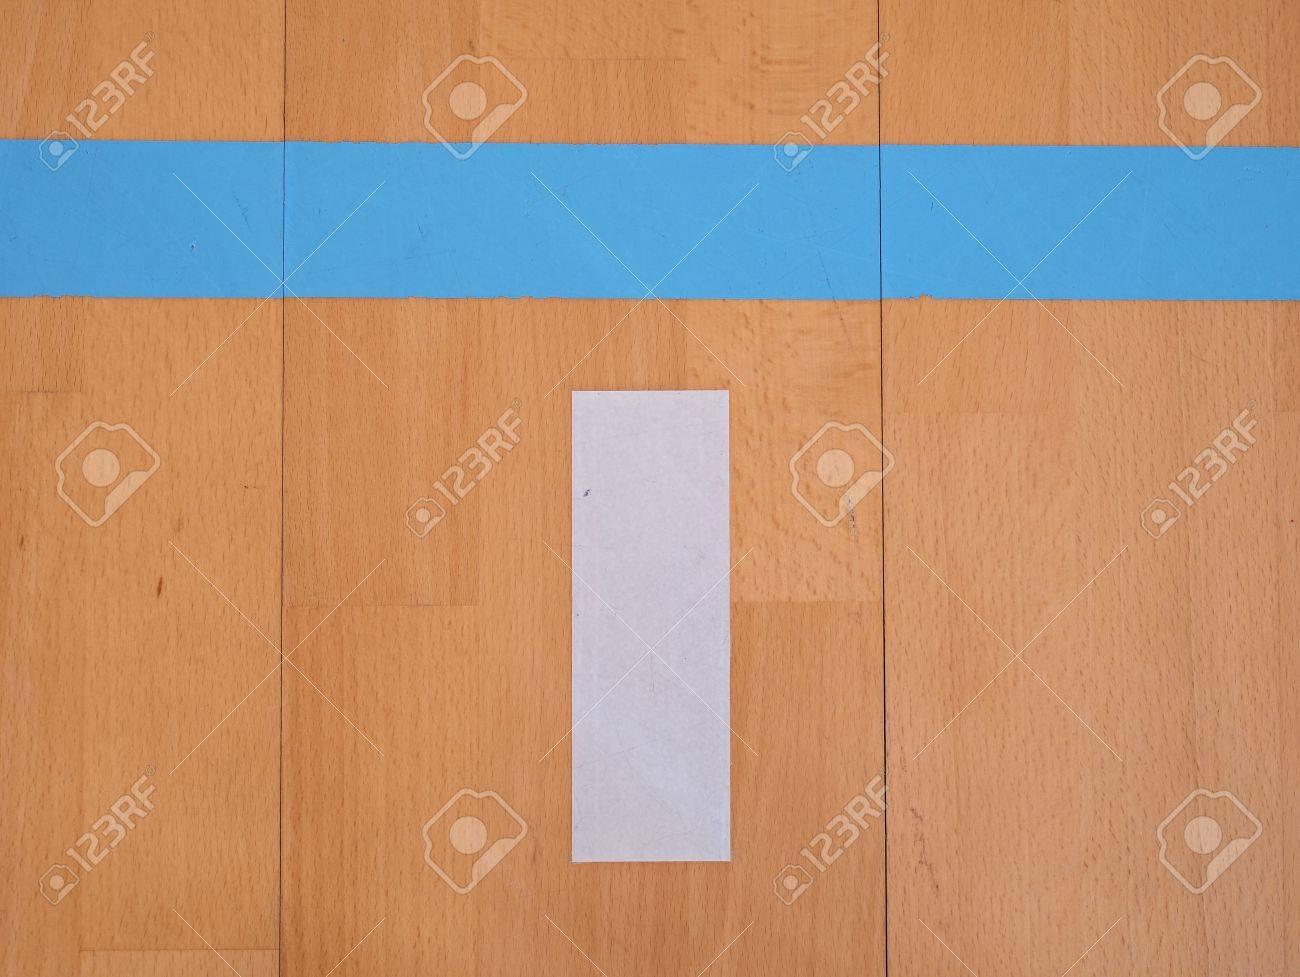 Holzfußboden Erneuern ~ Weiße und blaue linie im sporthalle spielplatz. erneuerung holzboden